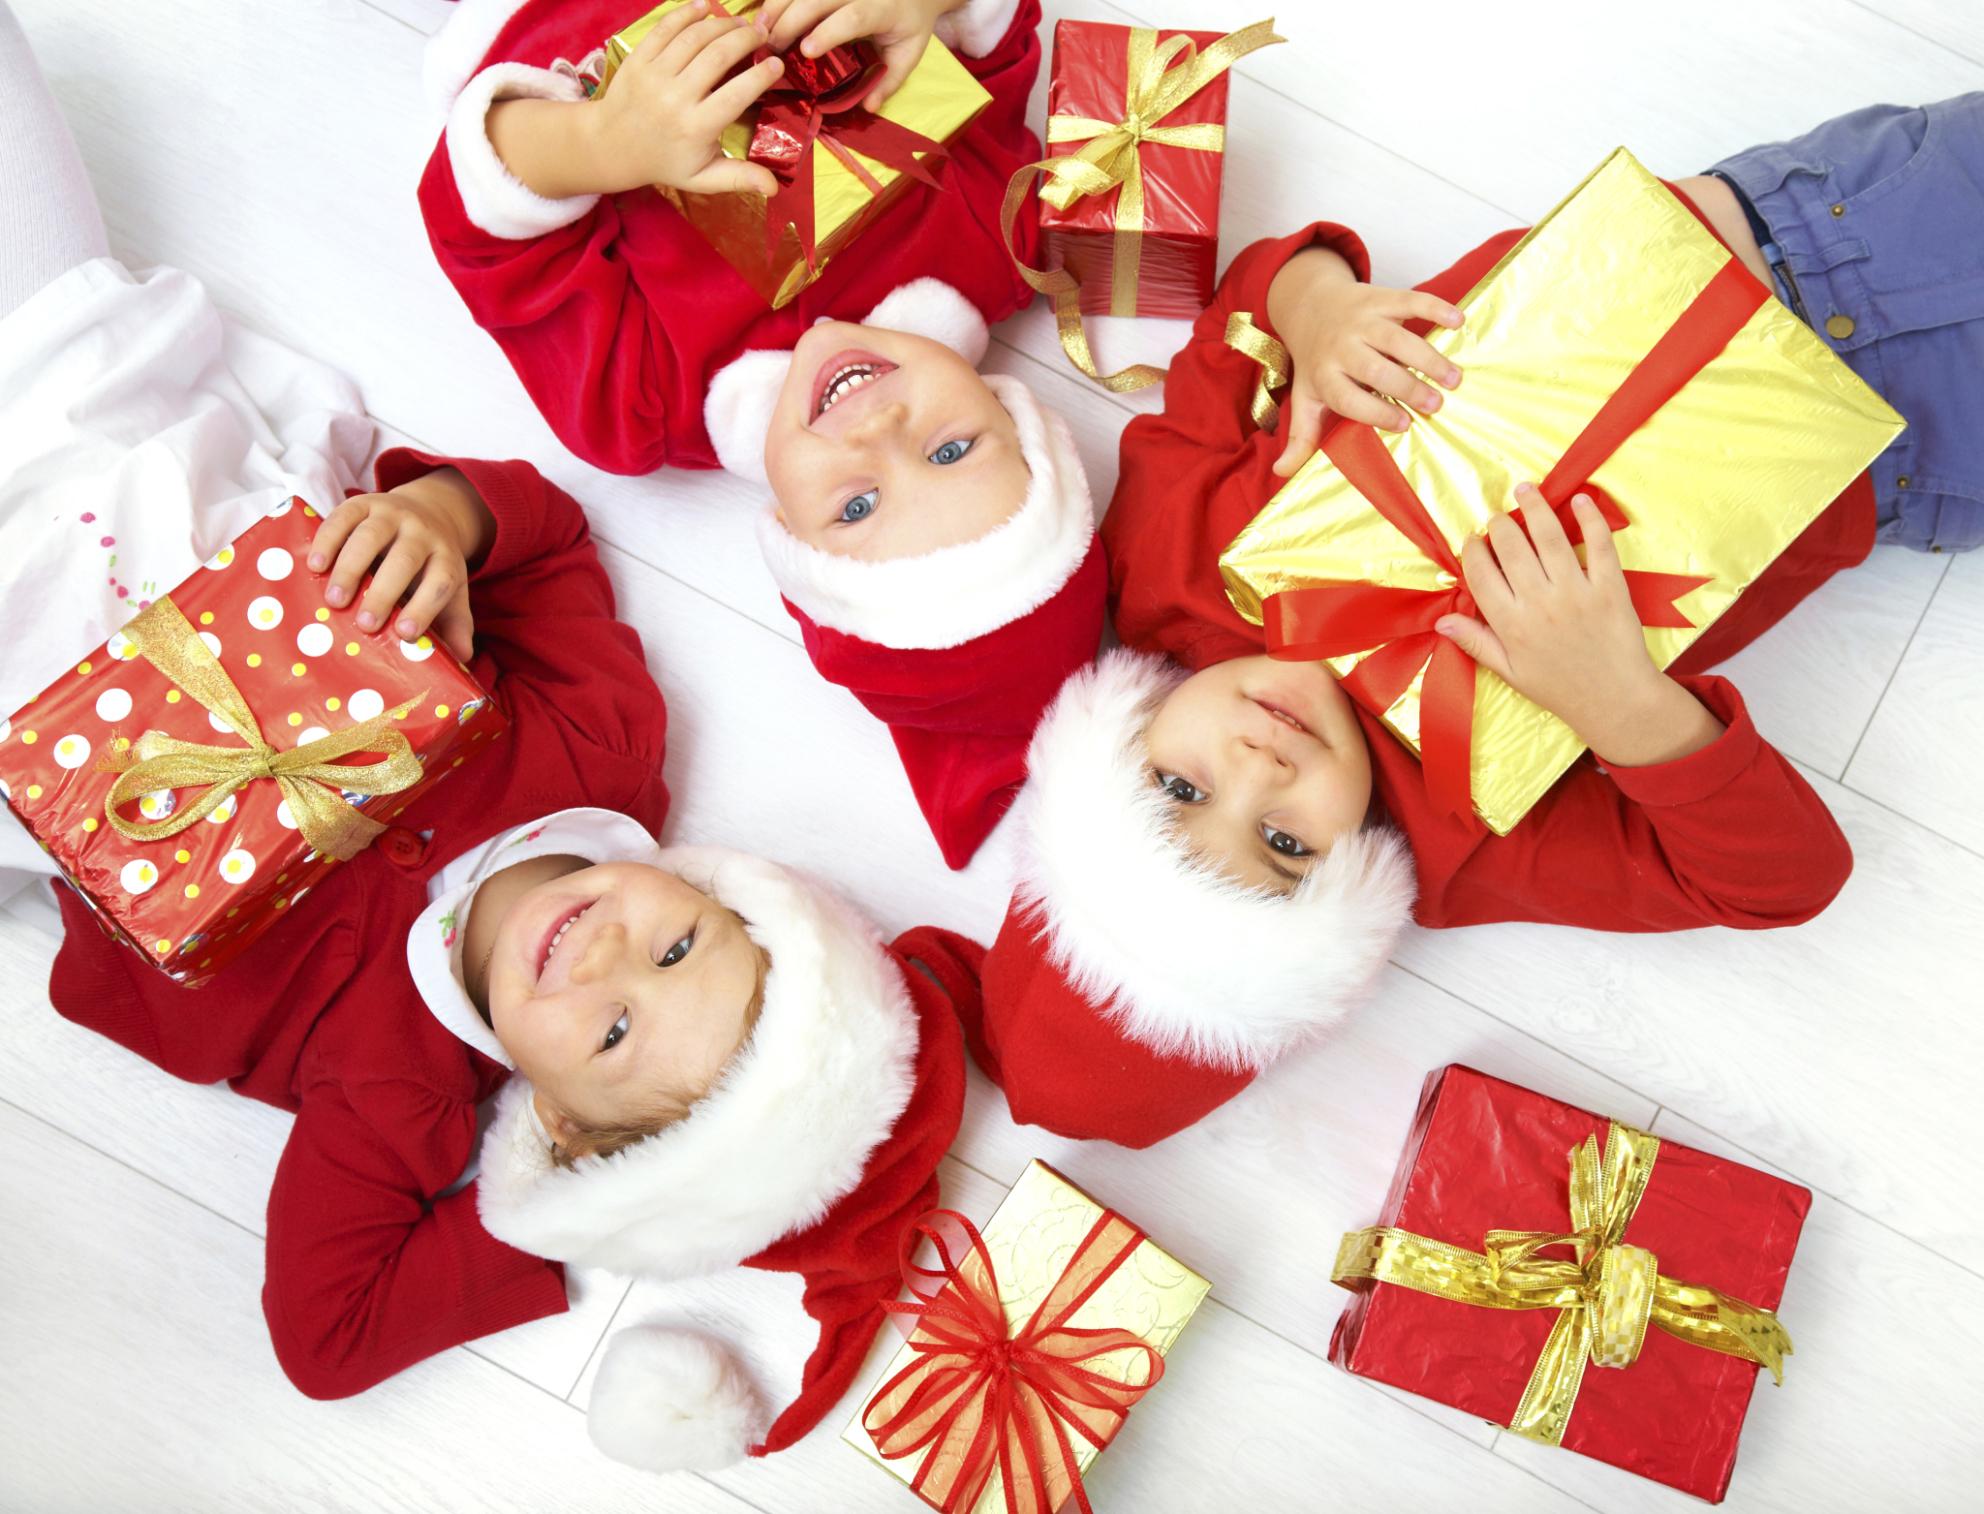 Schatzsuche zu Weihnachten